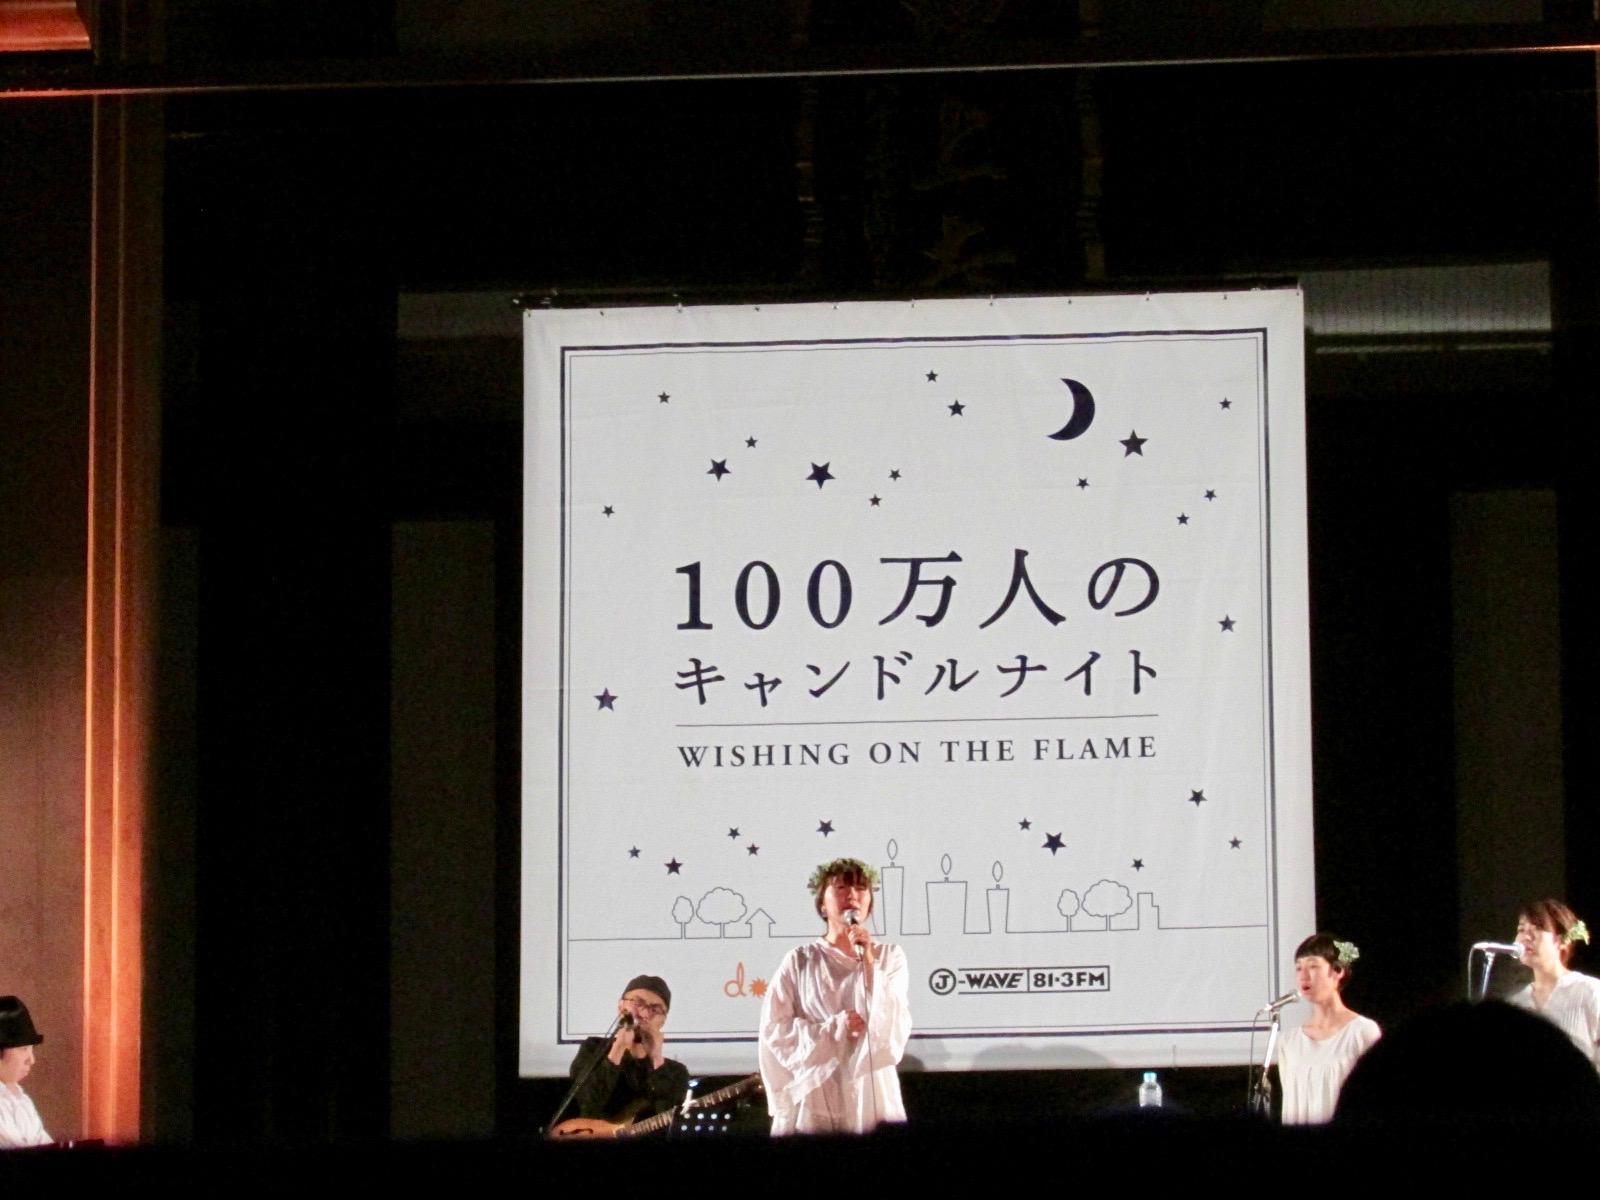 f:id:hiro-jp:20170617193033j:plain